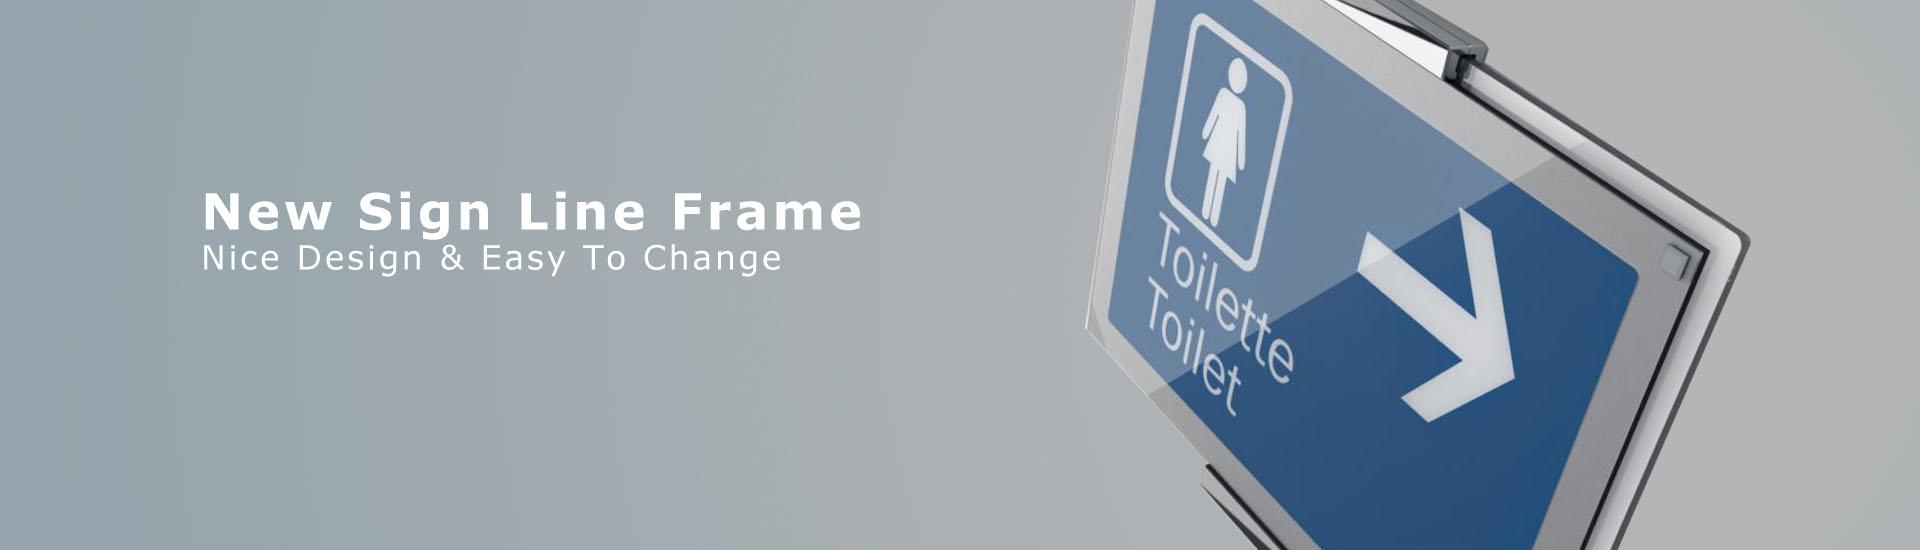 Sign-line-frame-ondemant